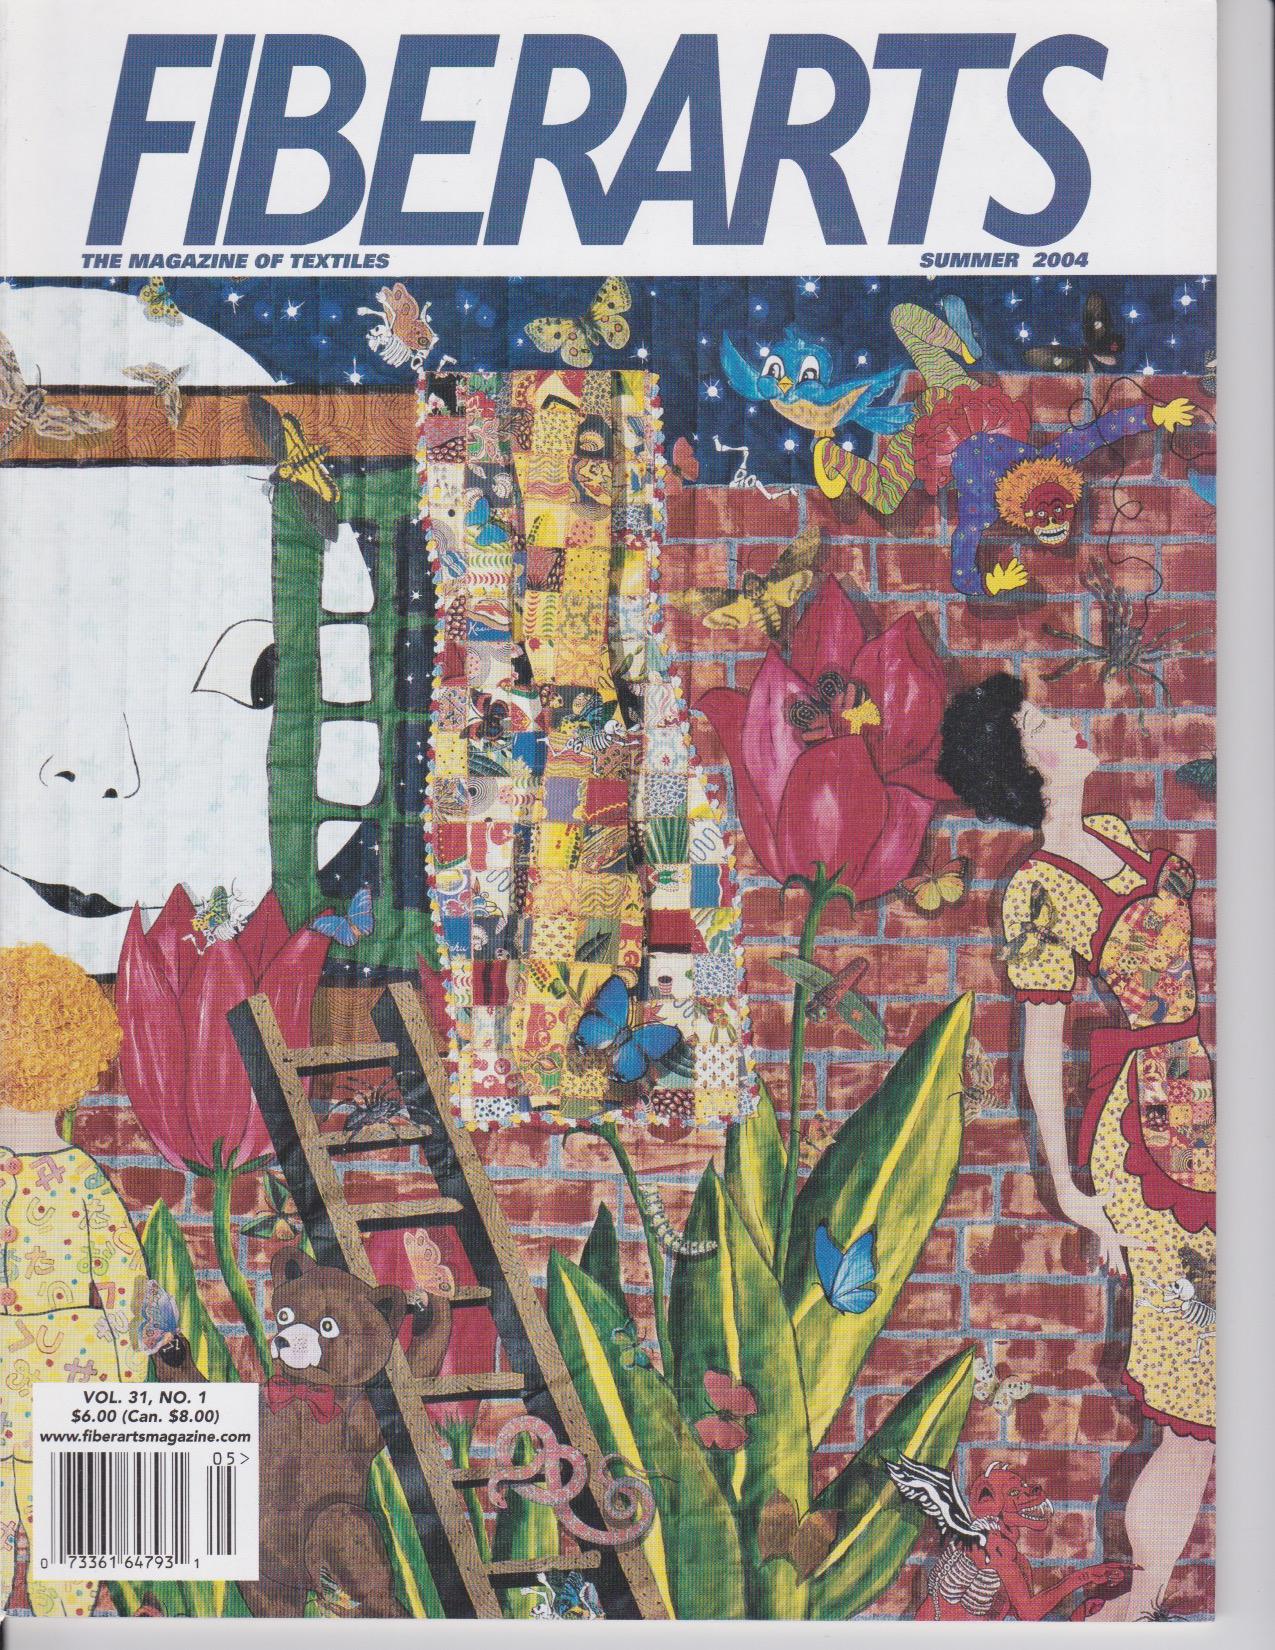 Fiber Arts Cover.jpeg